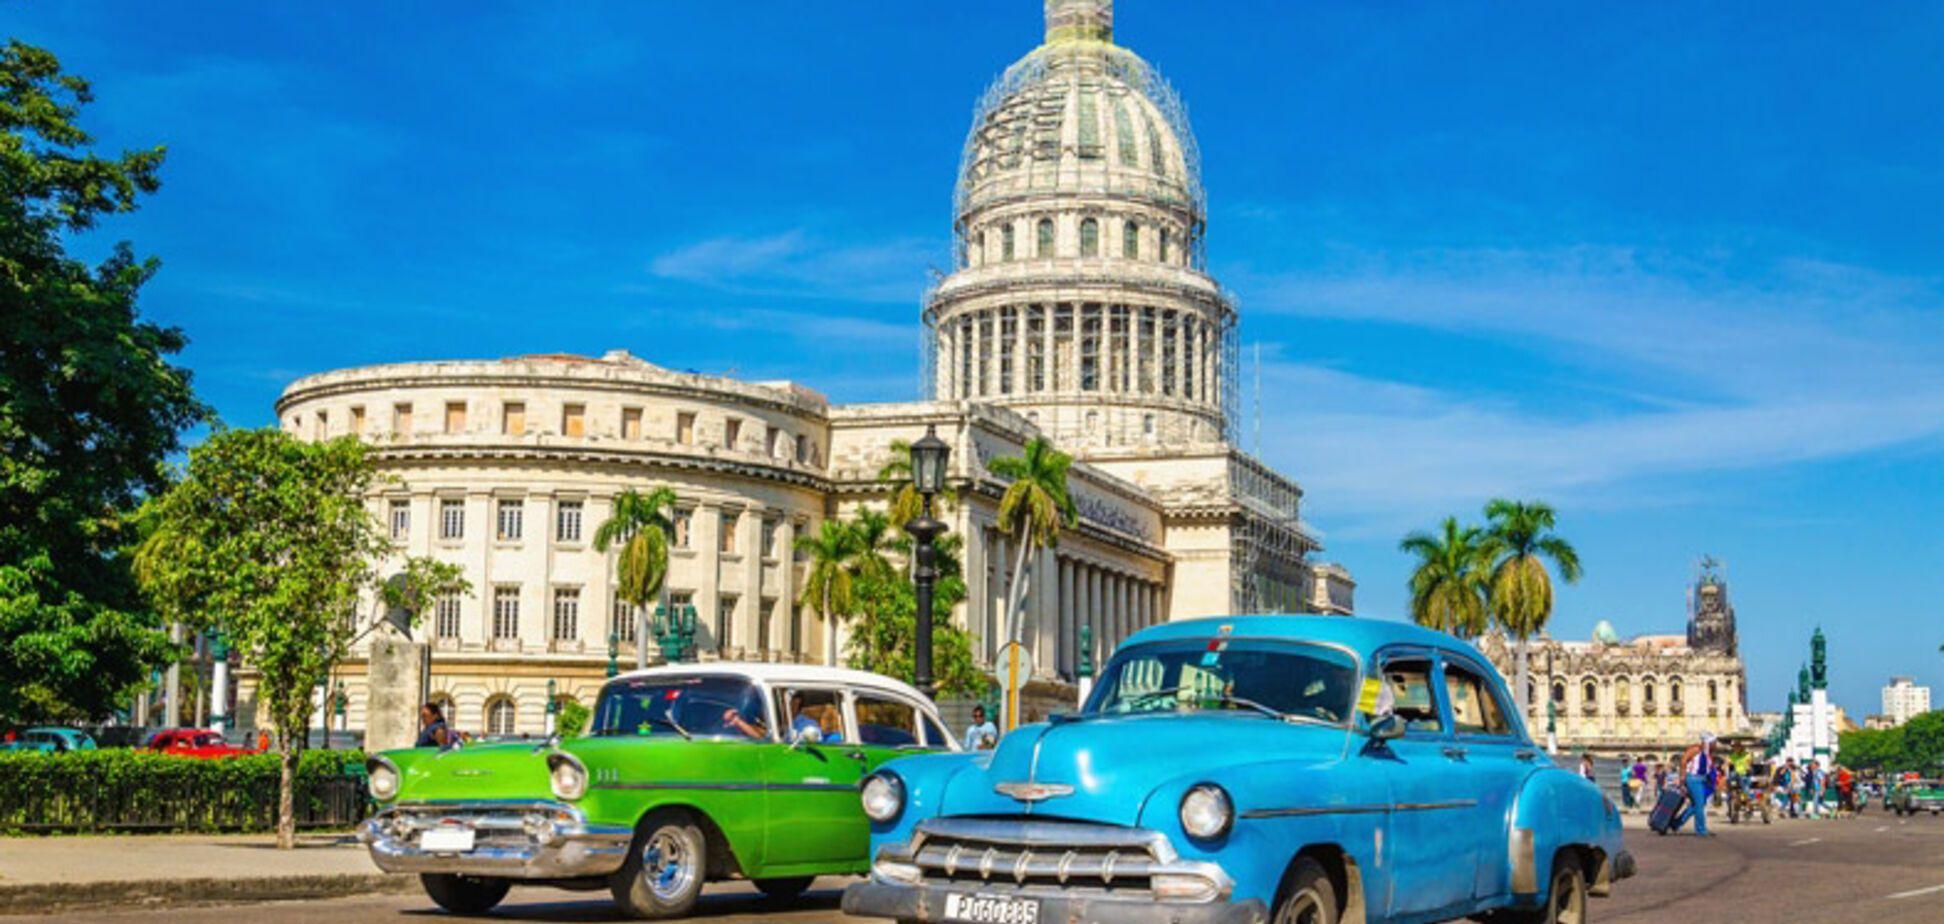 Куба завдала удару комунізму й проведе історичну реформу - BBC